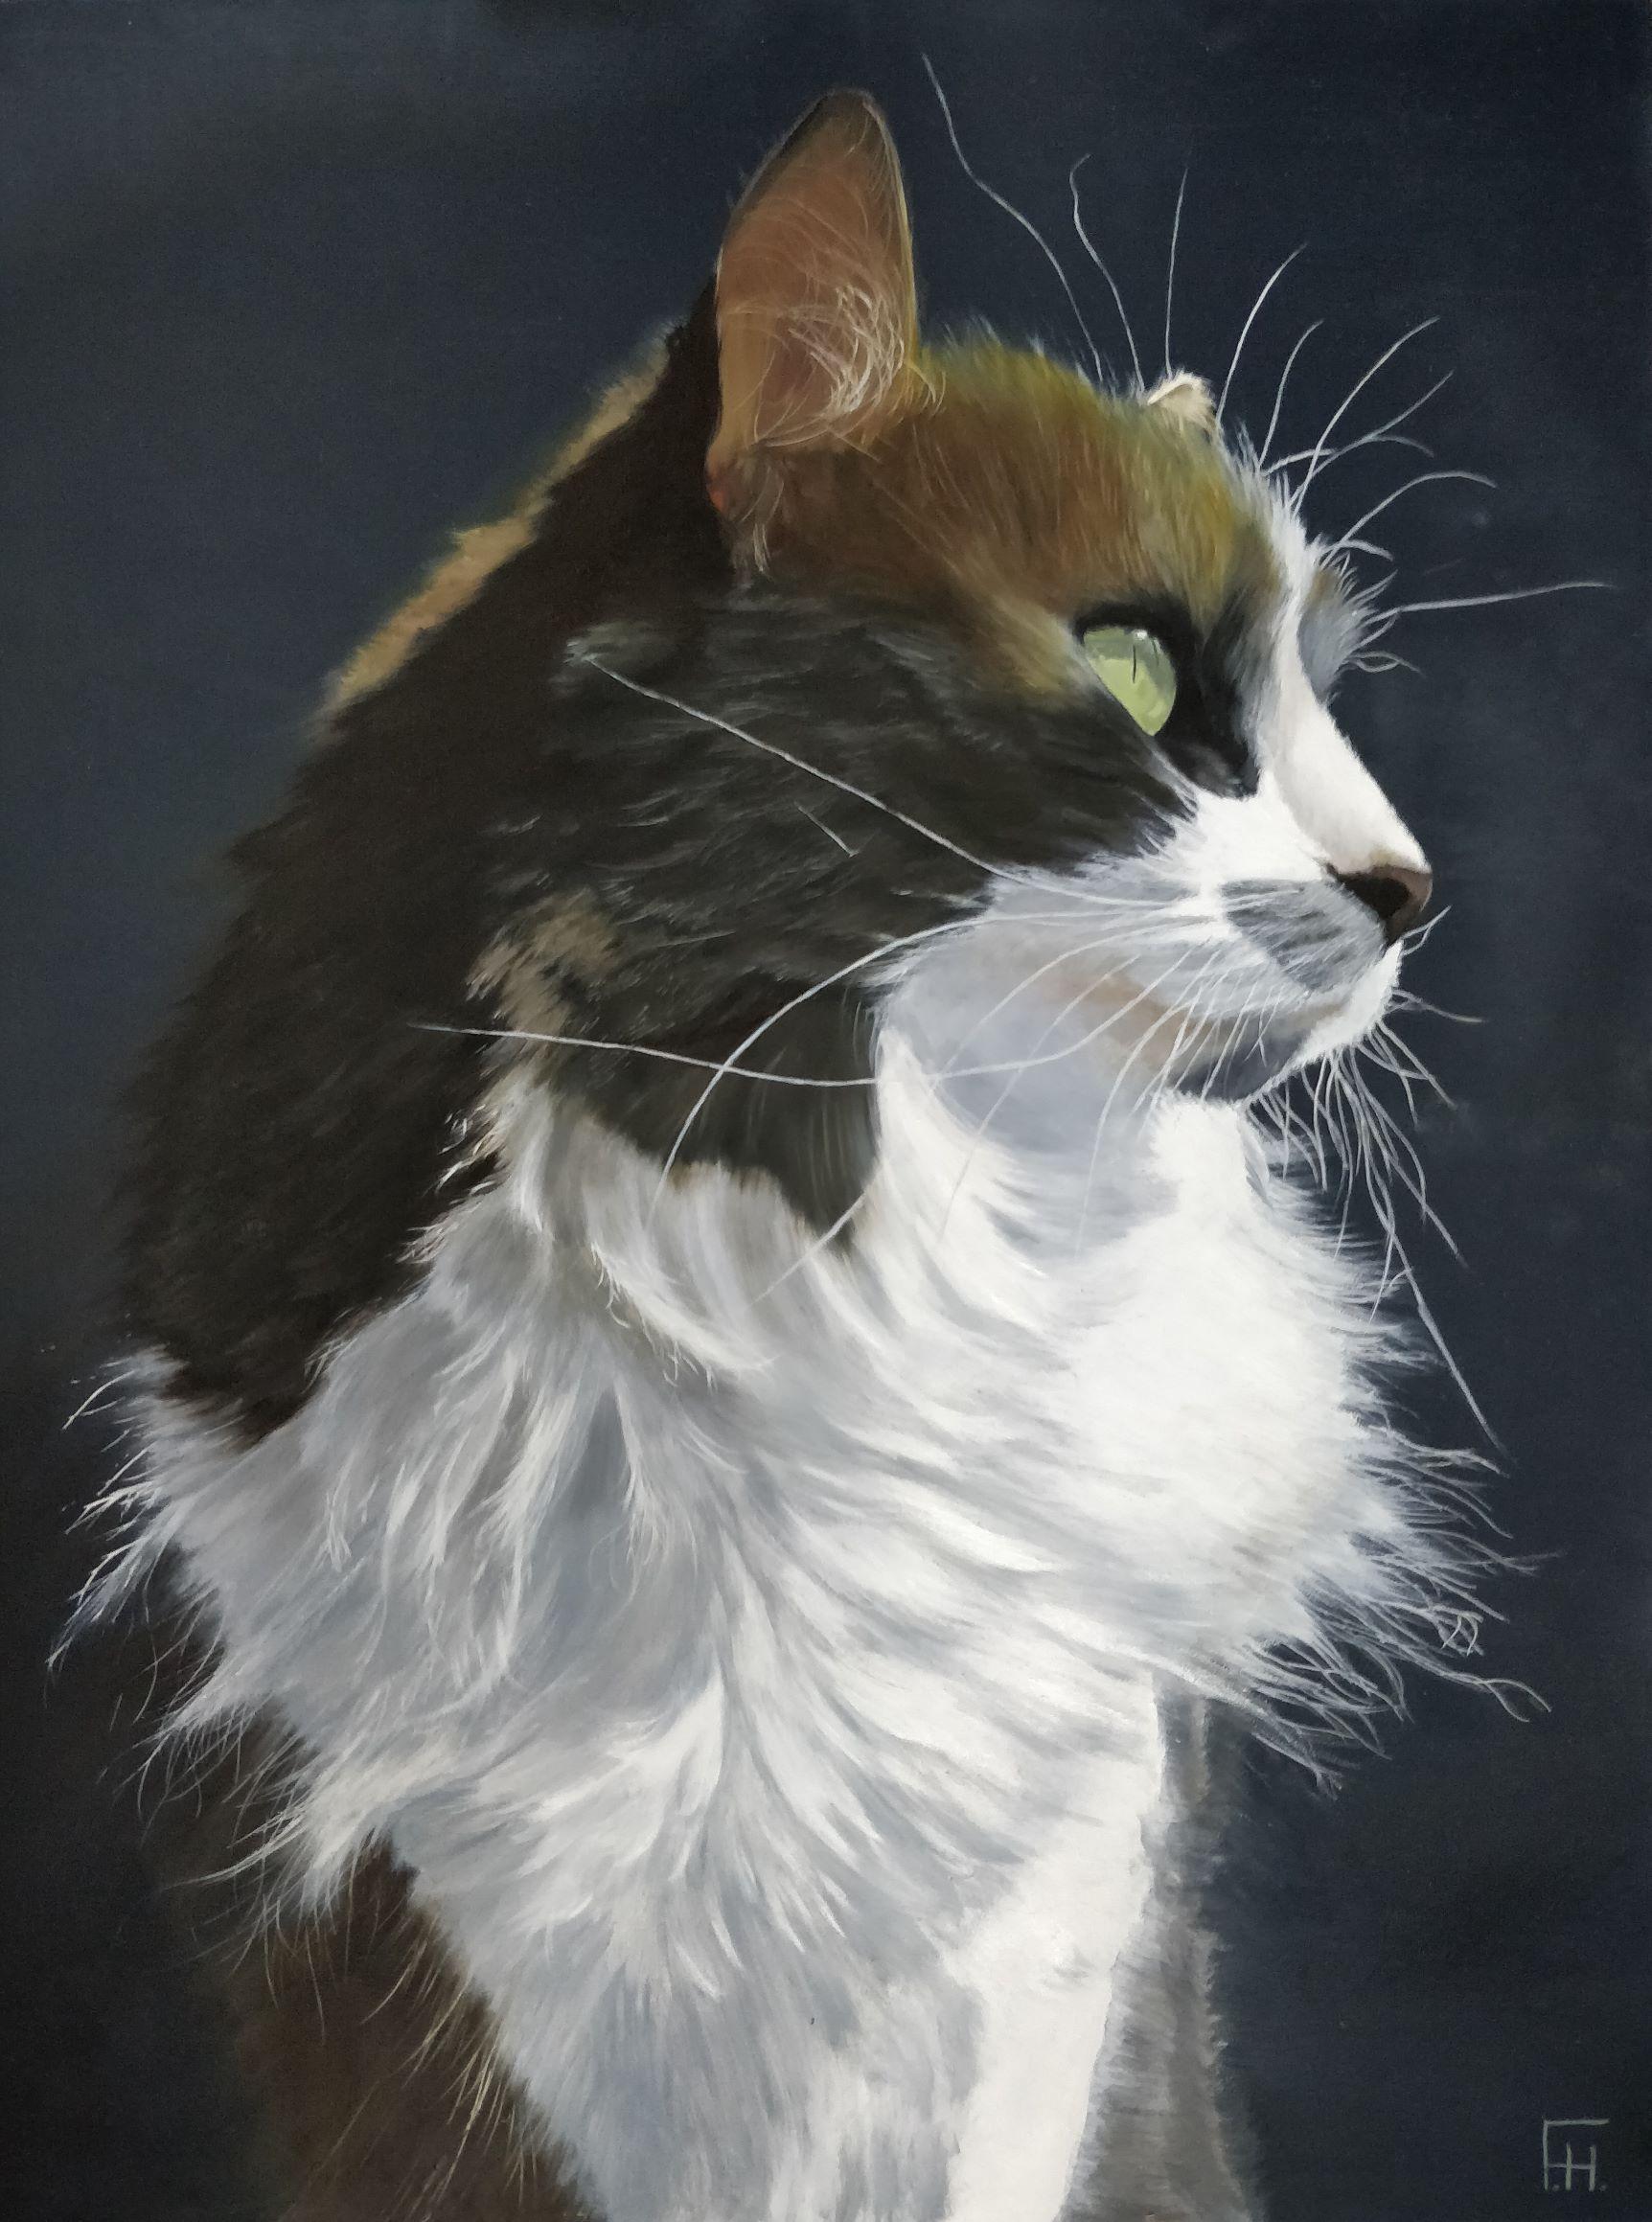 Kat the Cat